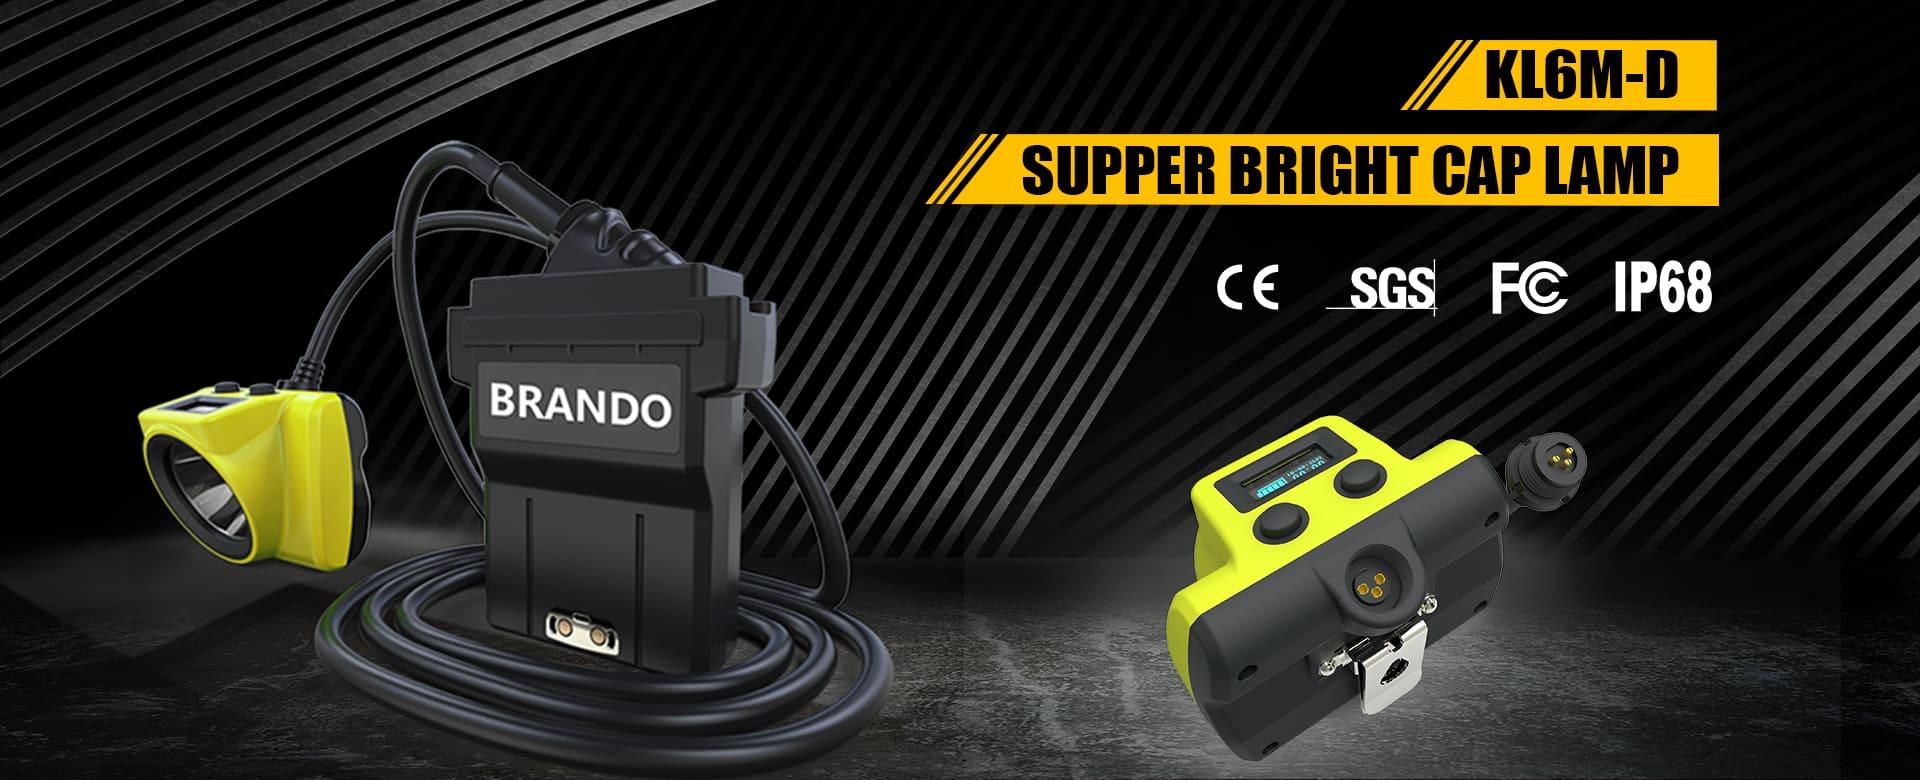 BRANDO New Mining Light KL6M-D